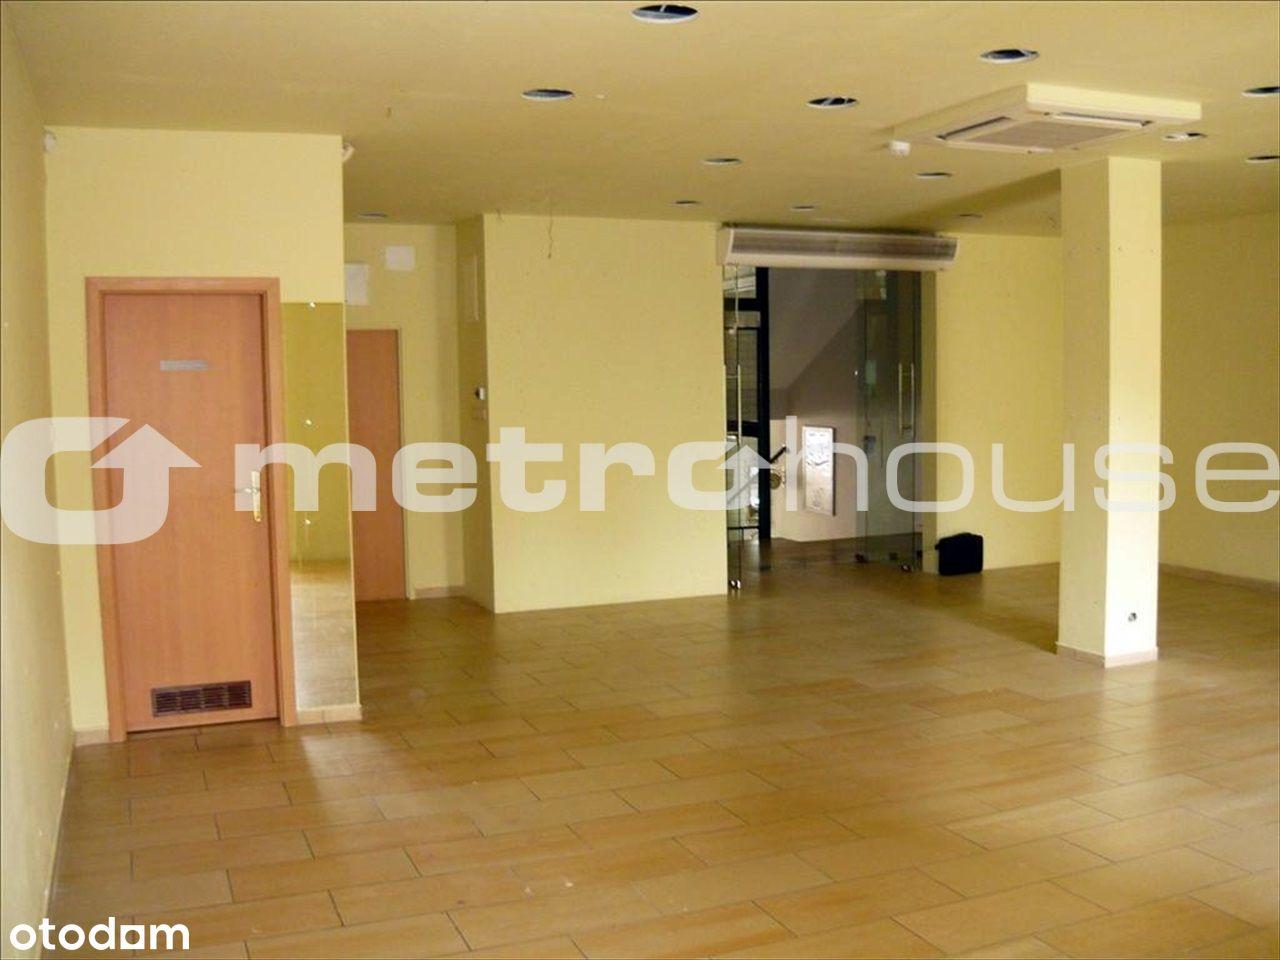 Lokal użytkowy, 90 m², Olsztyn